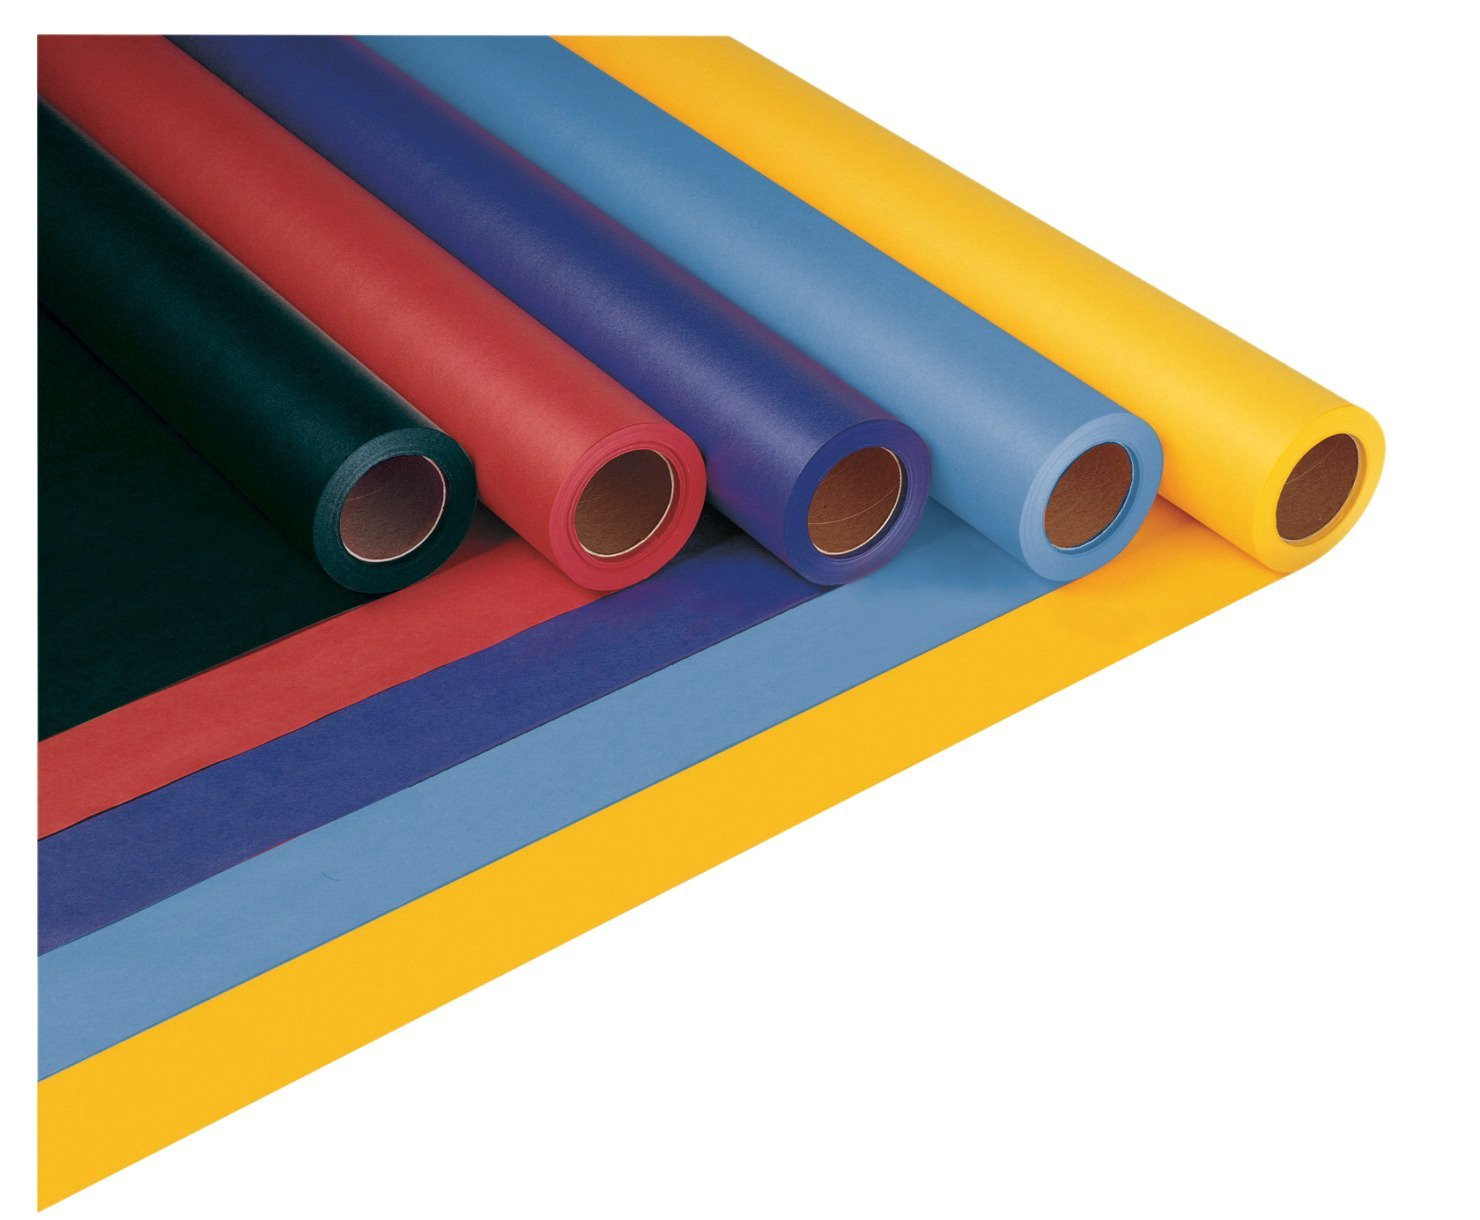 Riverside Paper Decorol Papierrollen, schwer entflammbar, 91,4 cm x 305 m, Himmelblau